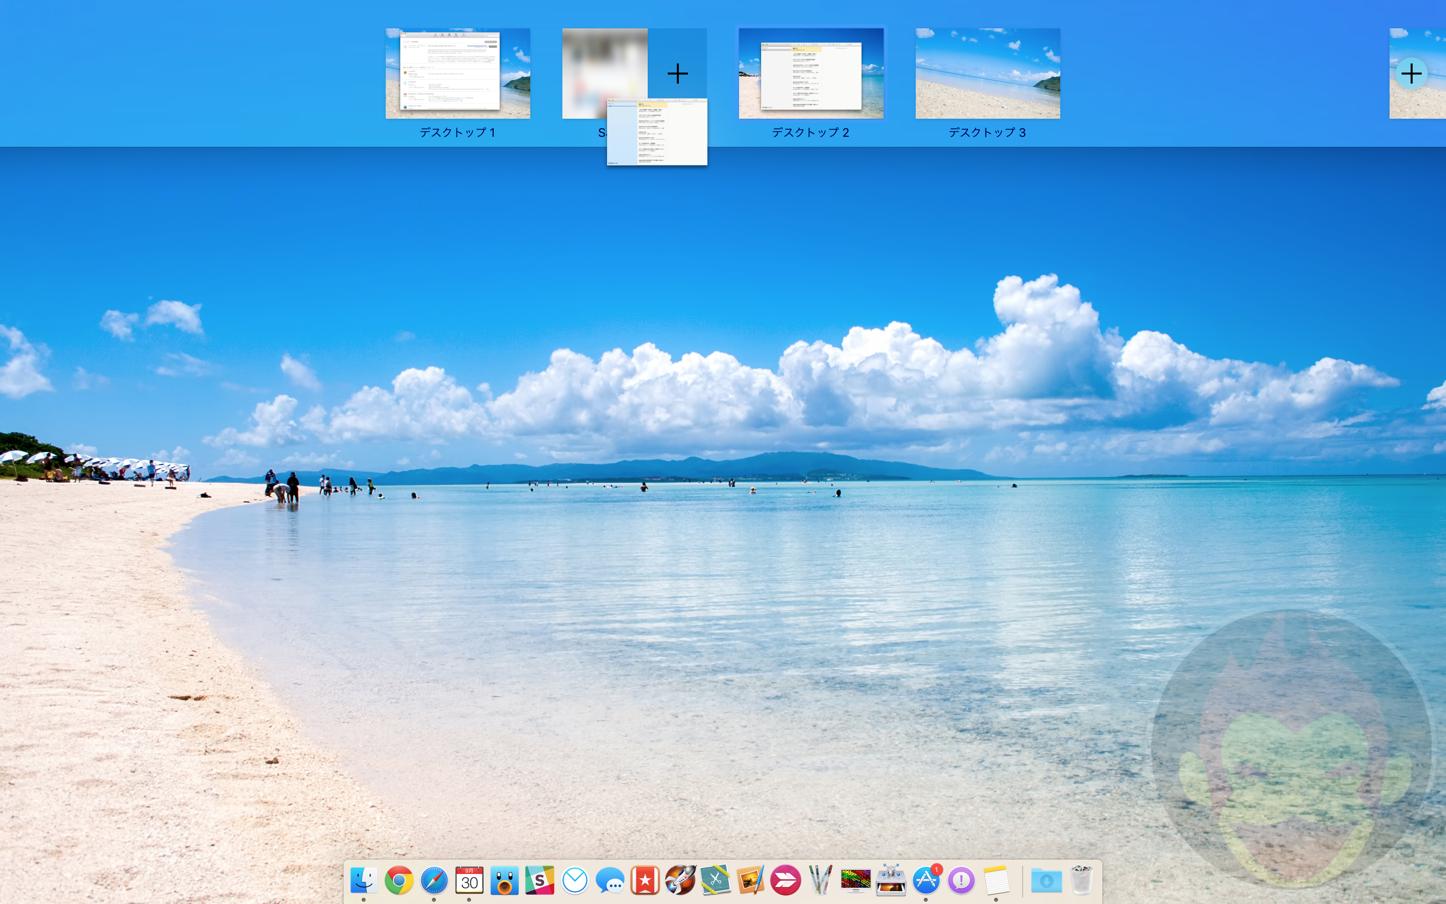 「OS X El Capitan」の知っておくべき8つの新機能